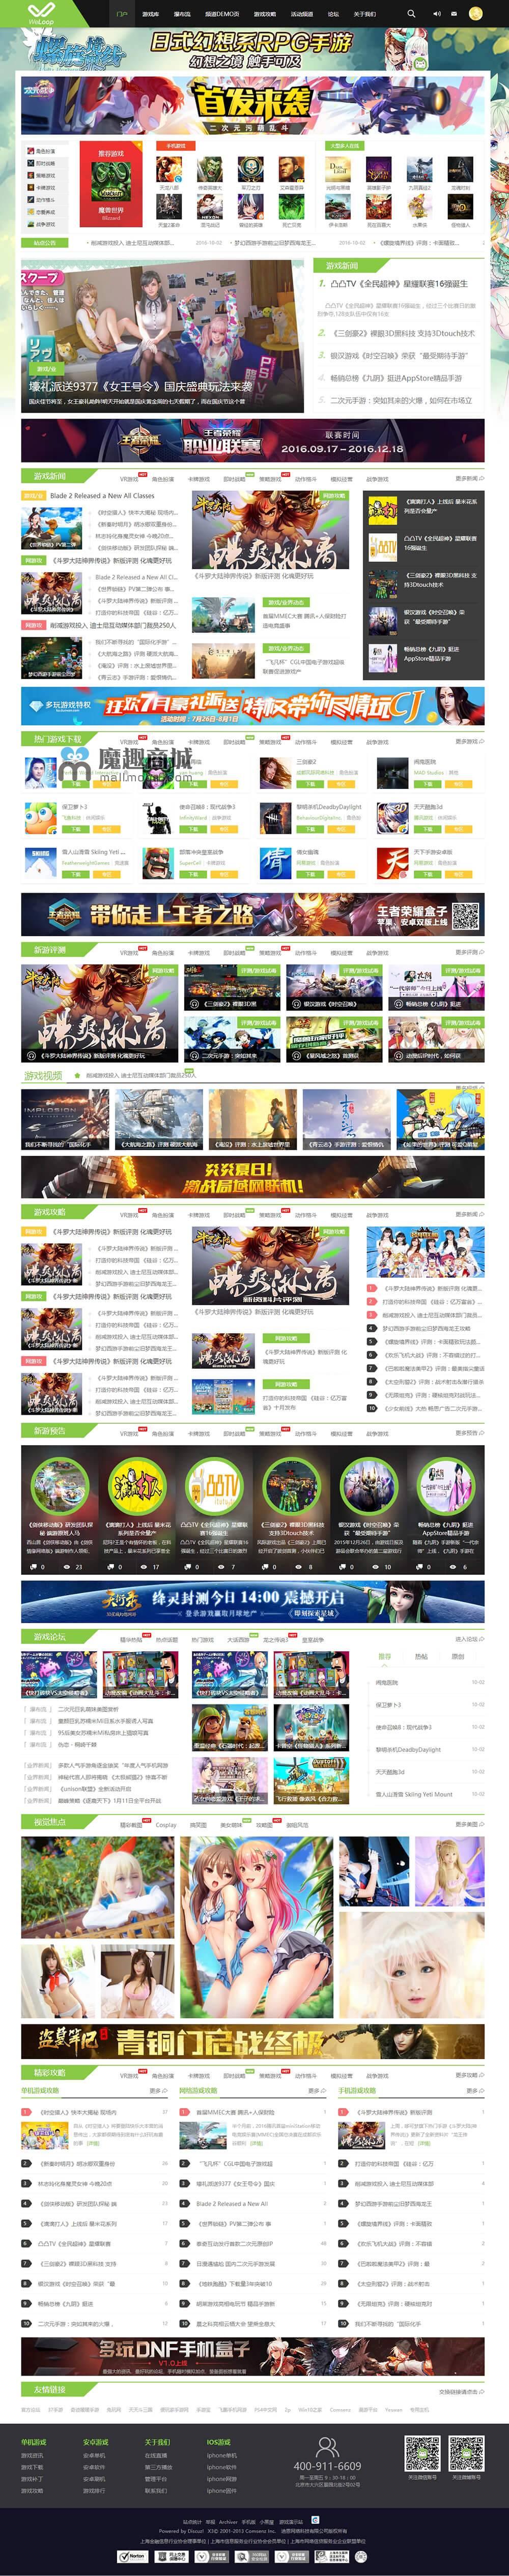 游戏下载/游戏展示/电竞社区模板